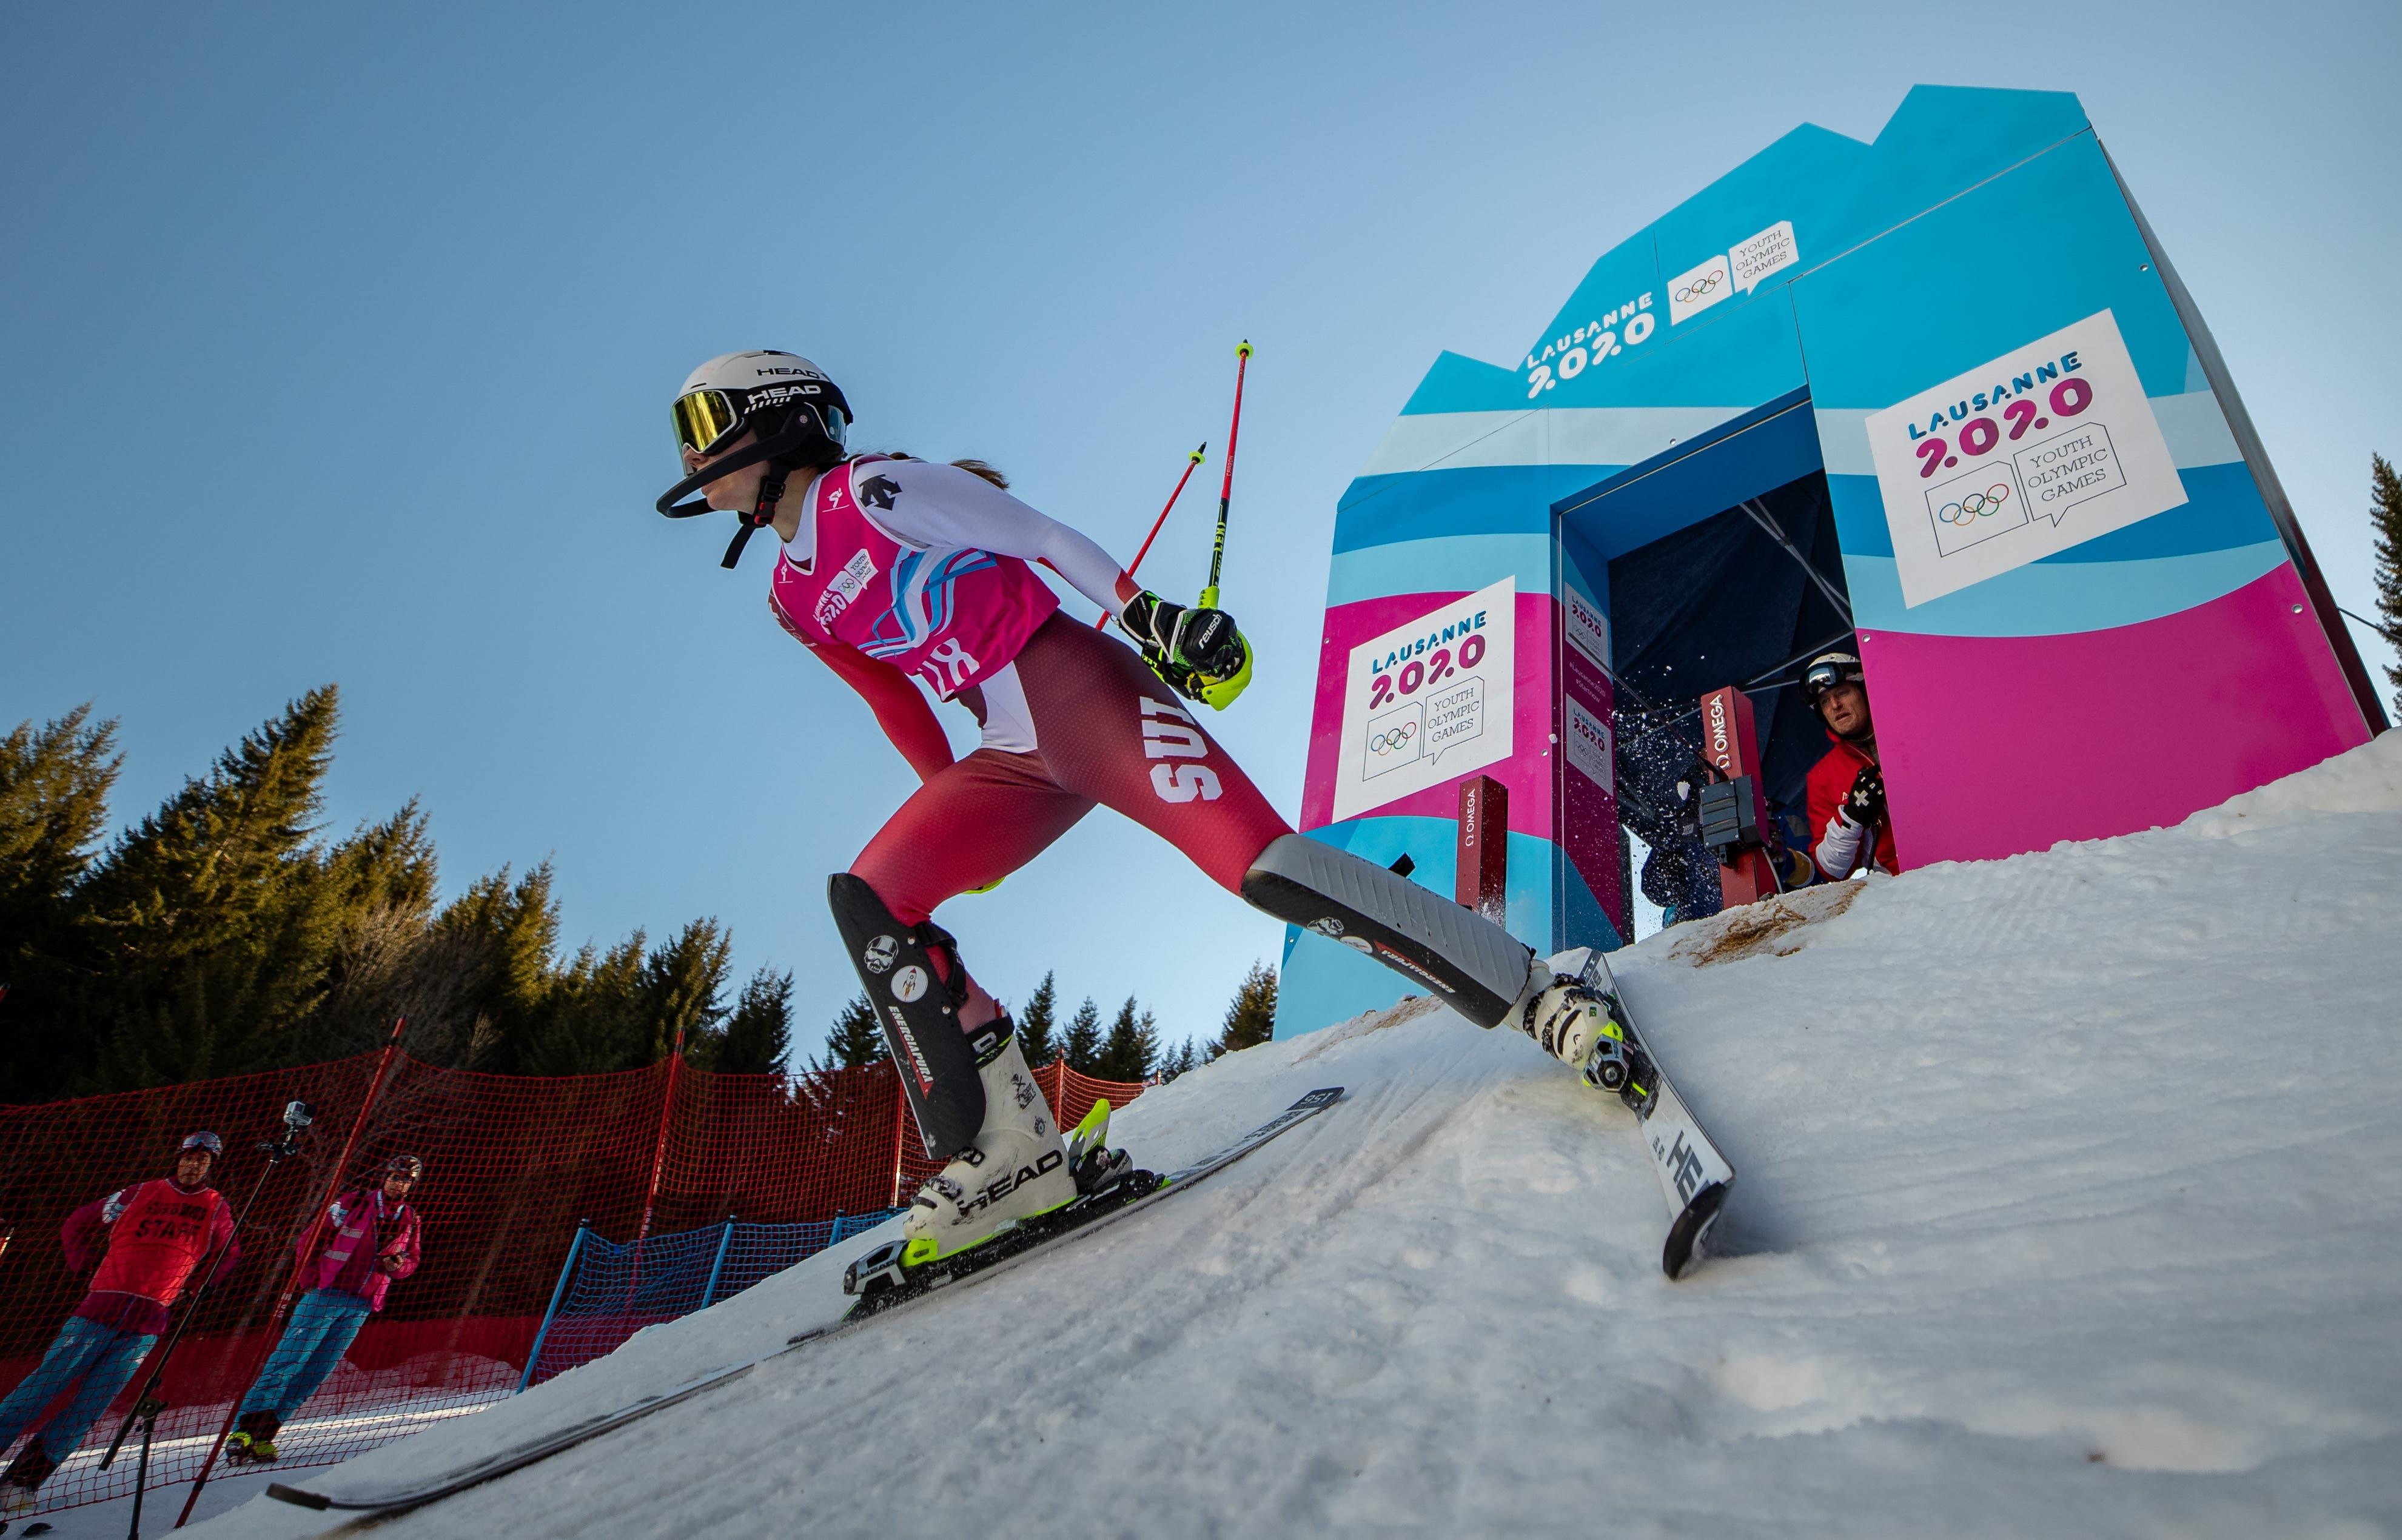 Die Schweizer Nachwuchsskifahrerin Amélie Klopfenstein – von der Ersatzfahrerin zur zweifachen Medaillengewinnerin. (Bild: OIS, Les Diablerets, 11. Januar 2020)